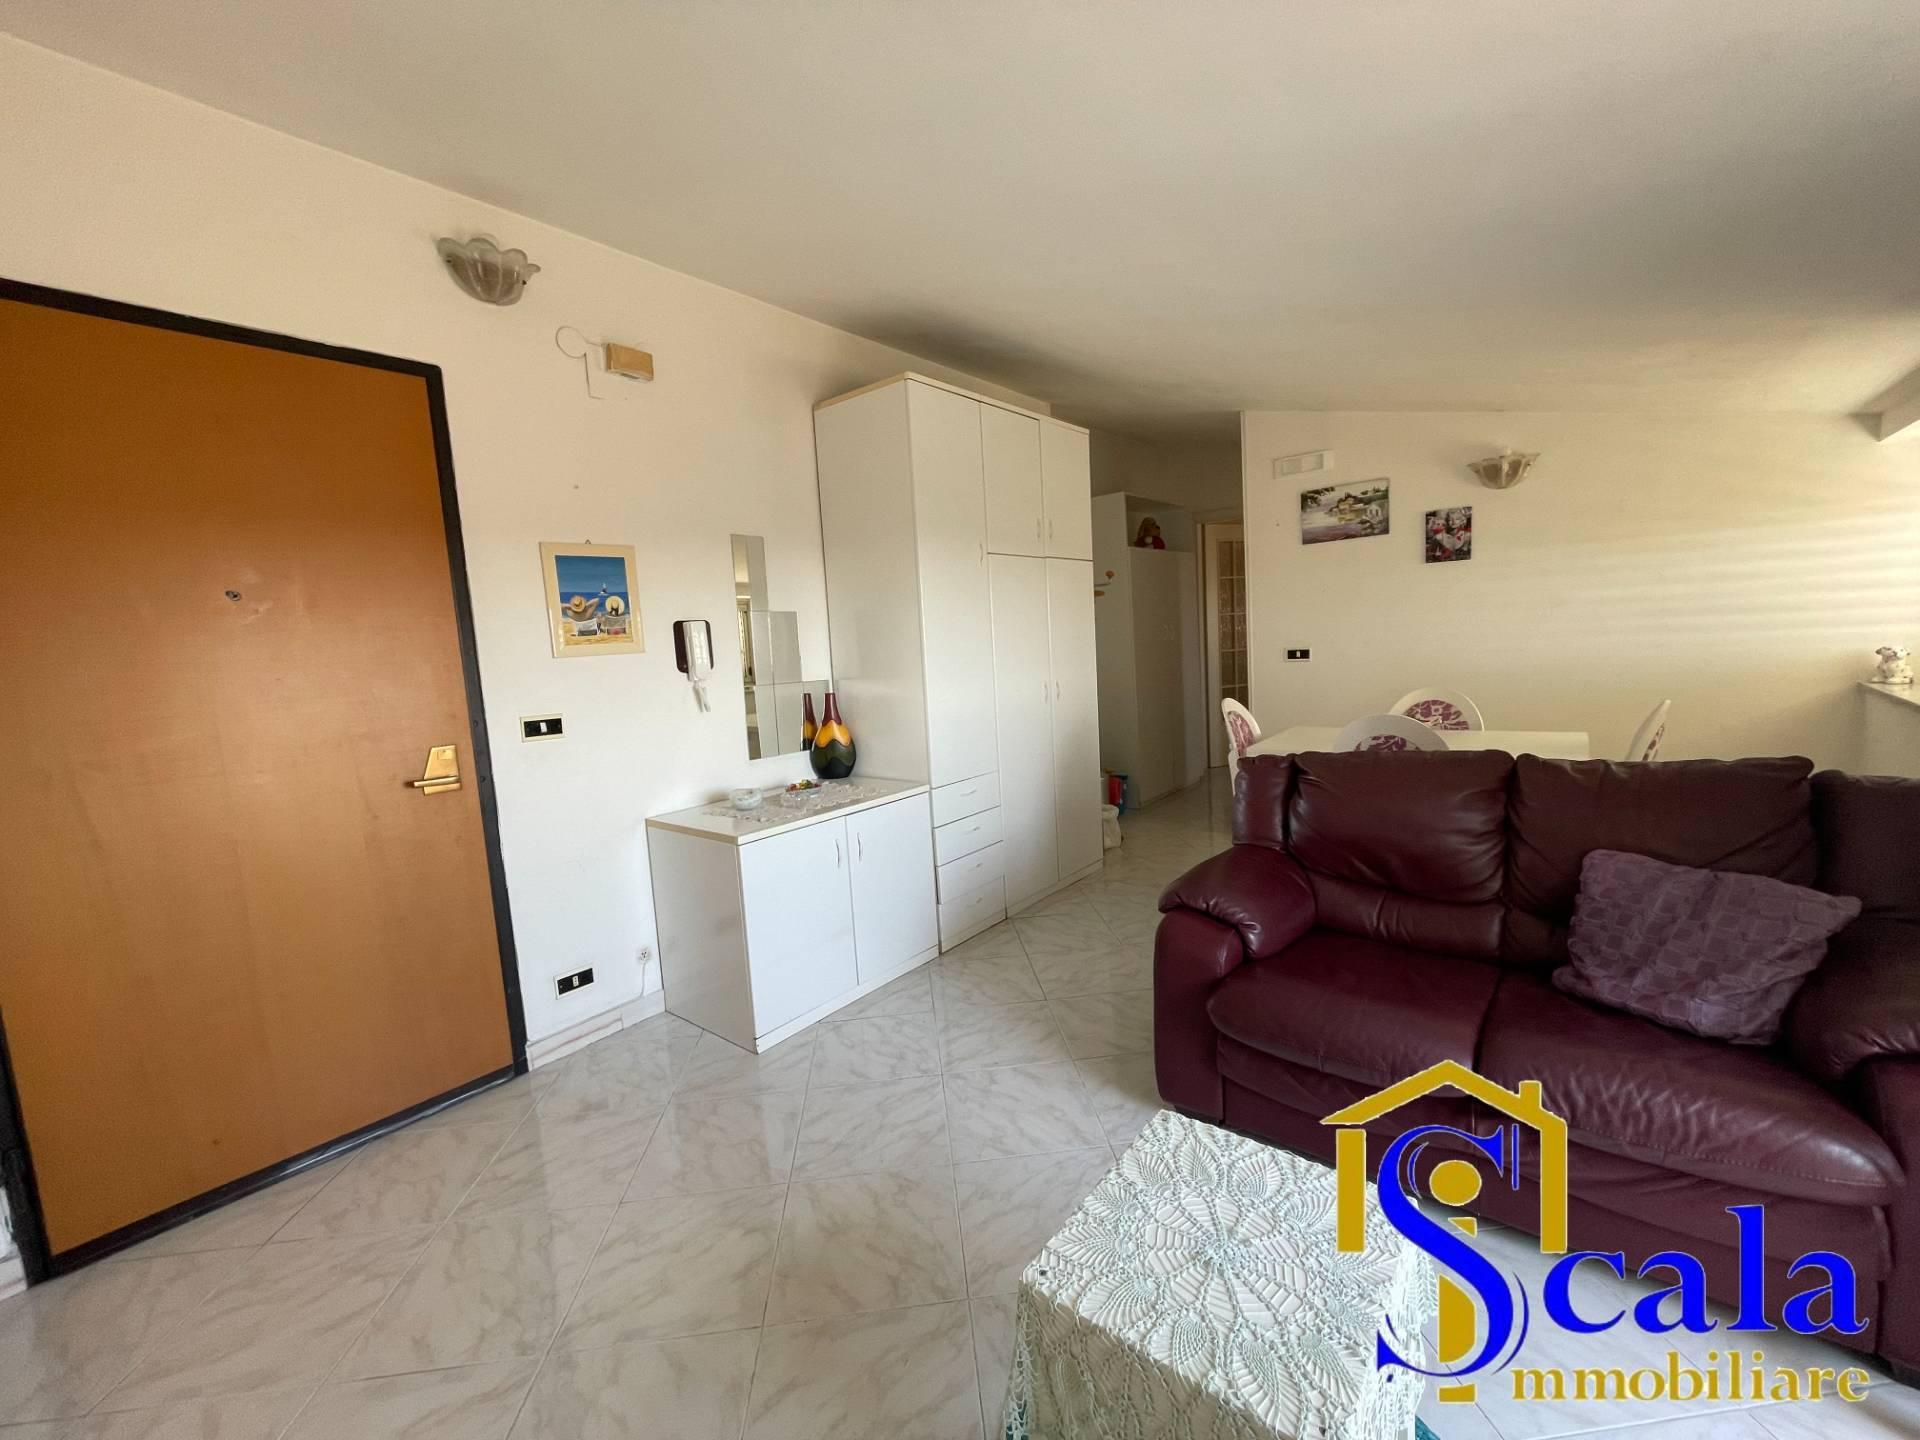 Appartamento in affitto a Santa Maria Capua Vetere (CE)